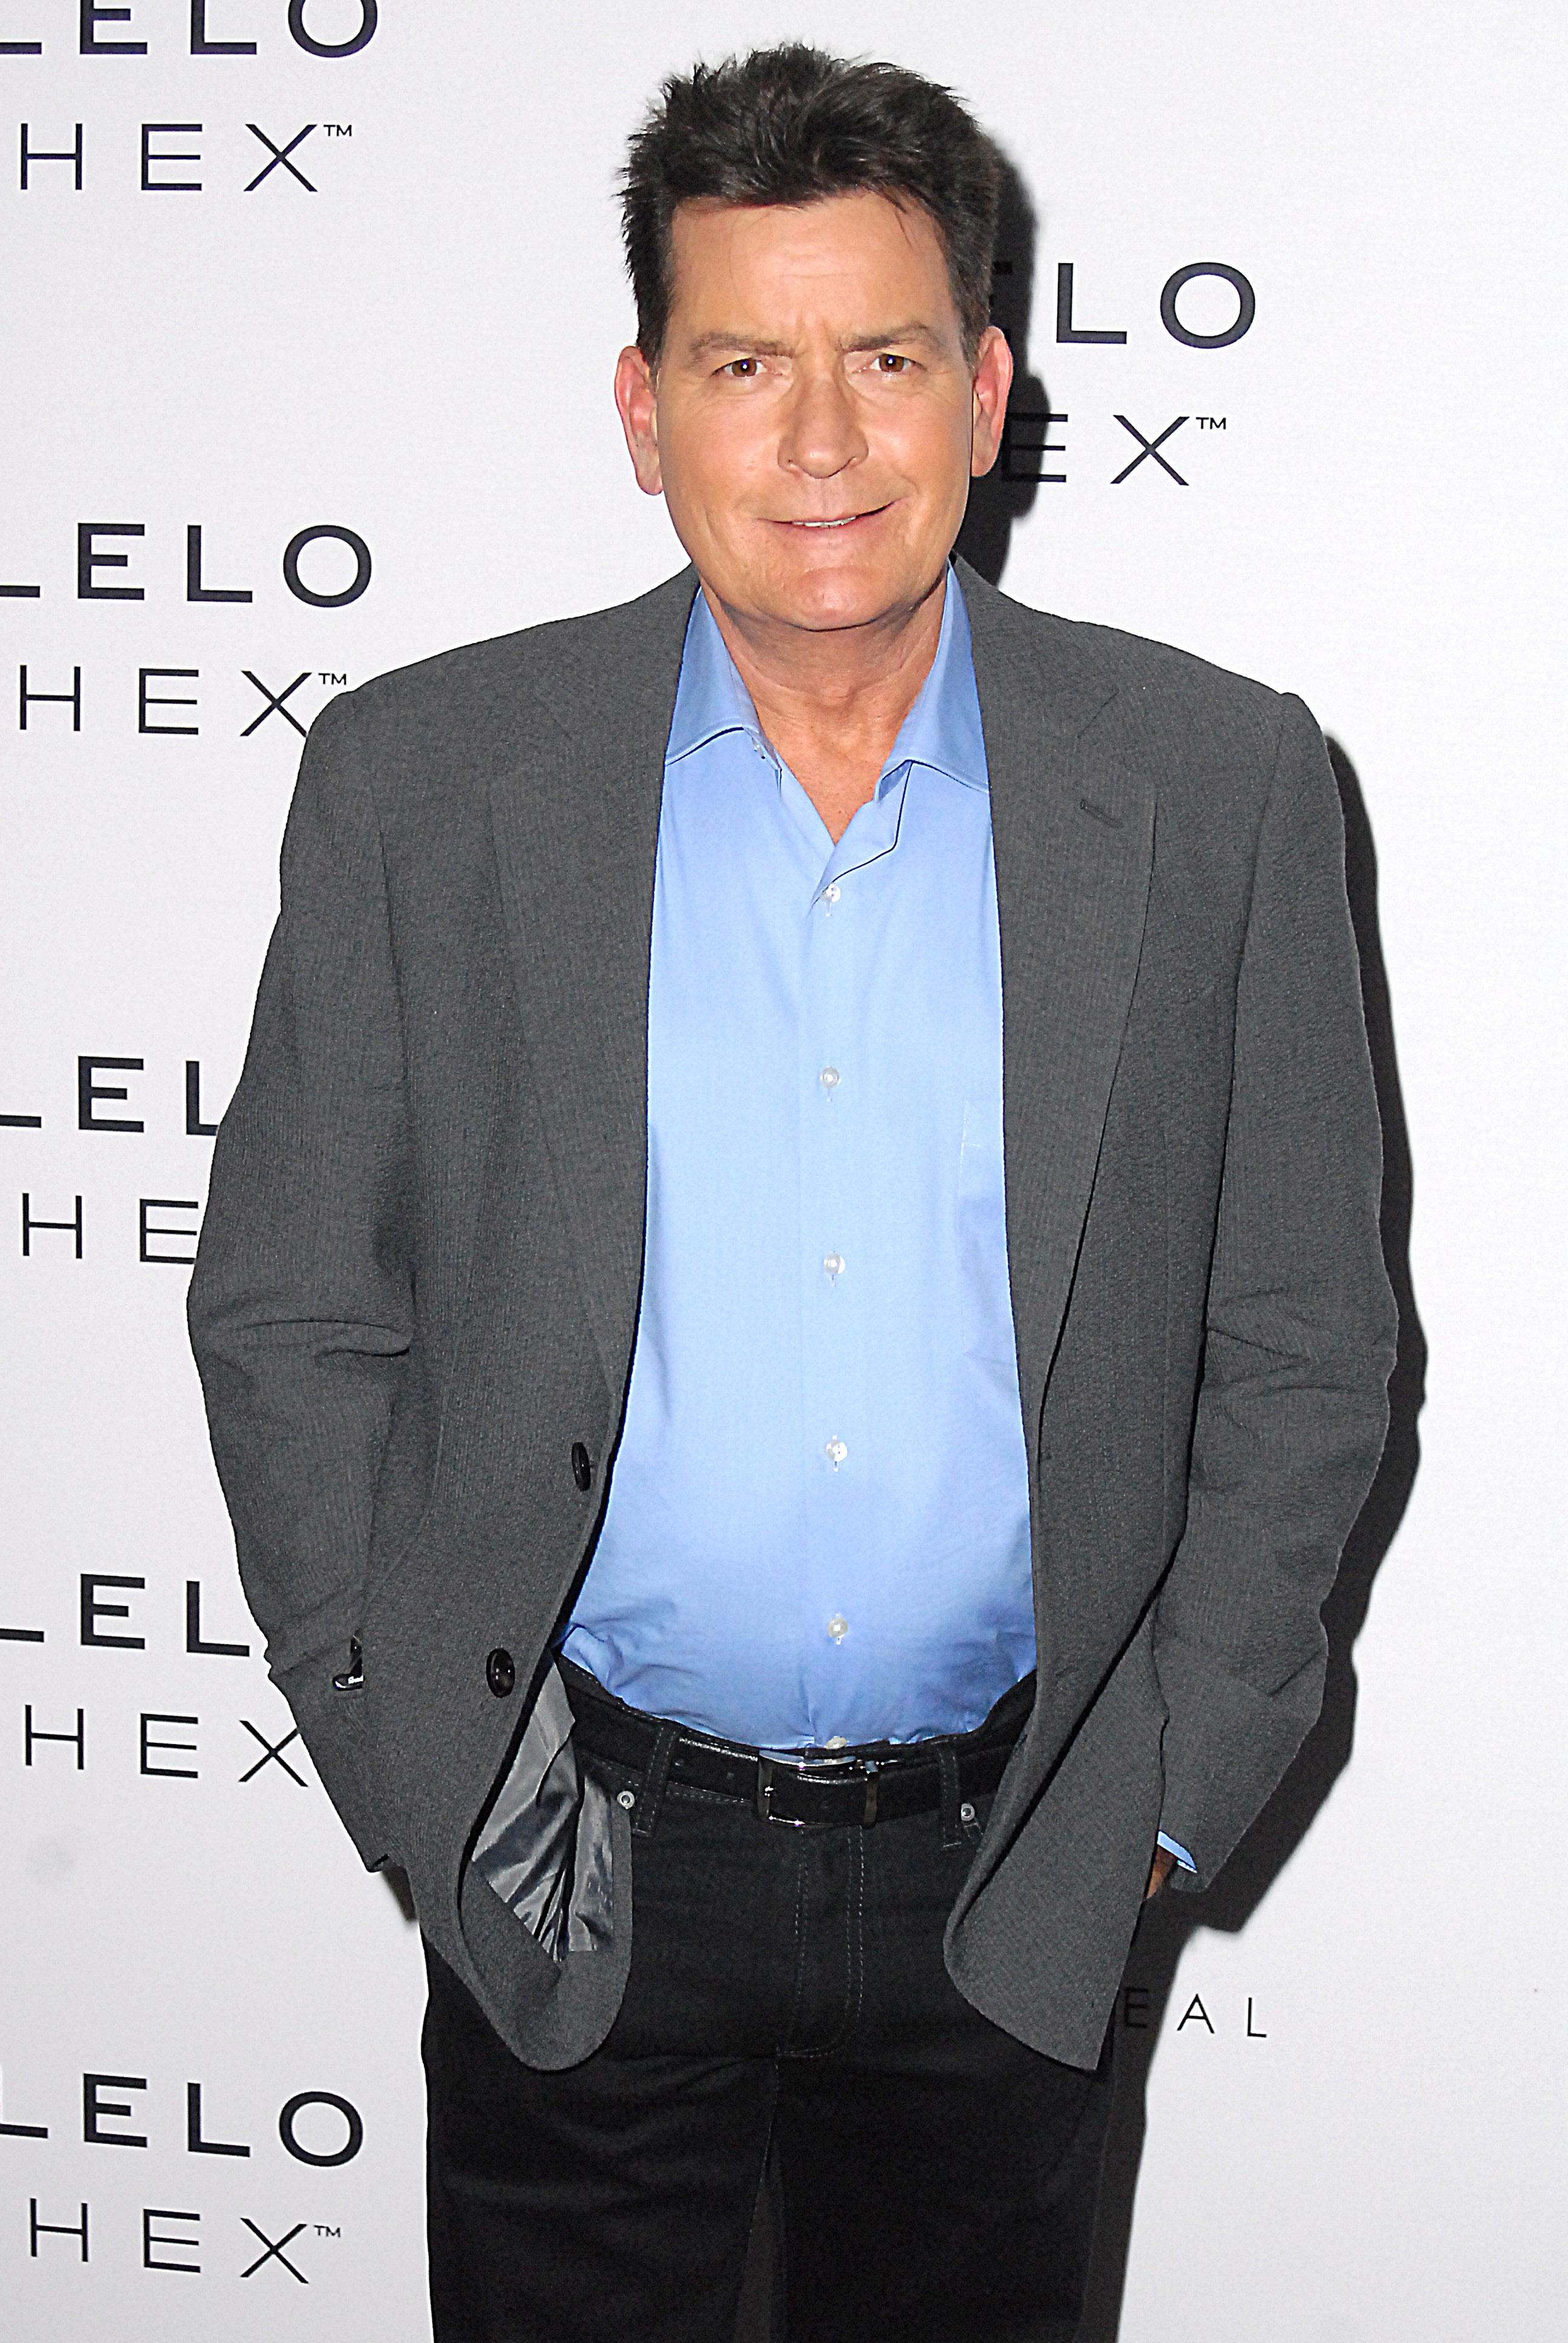 Charlie Sheen: Good tipper